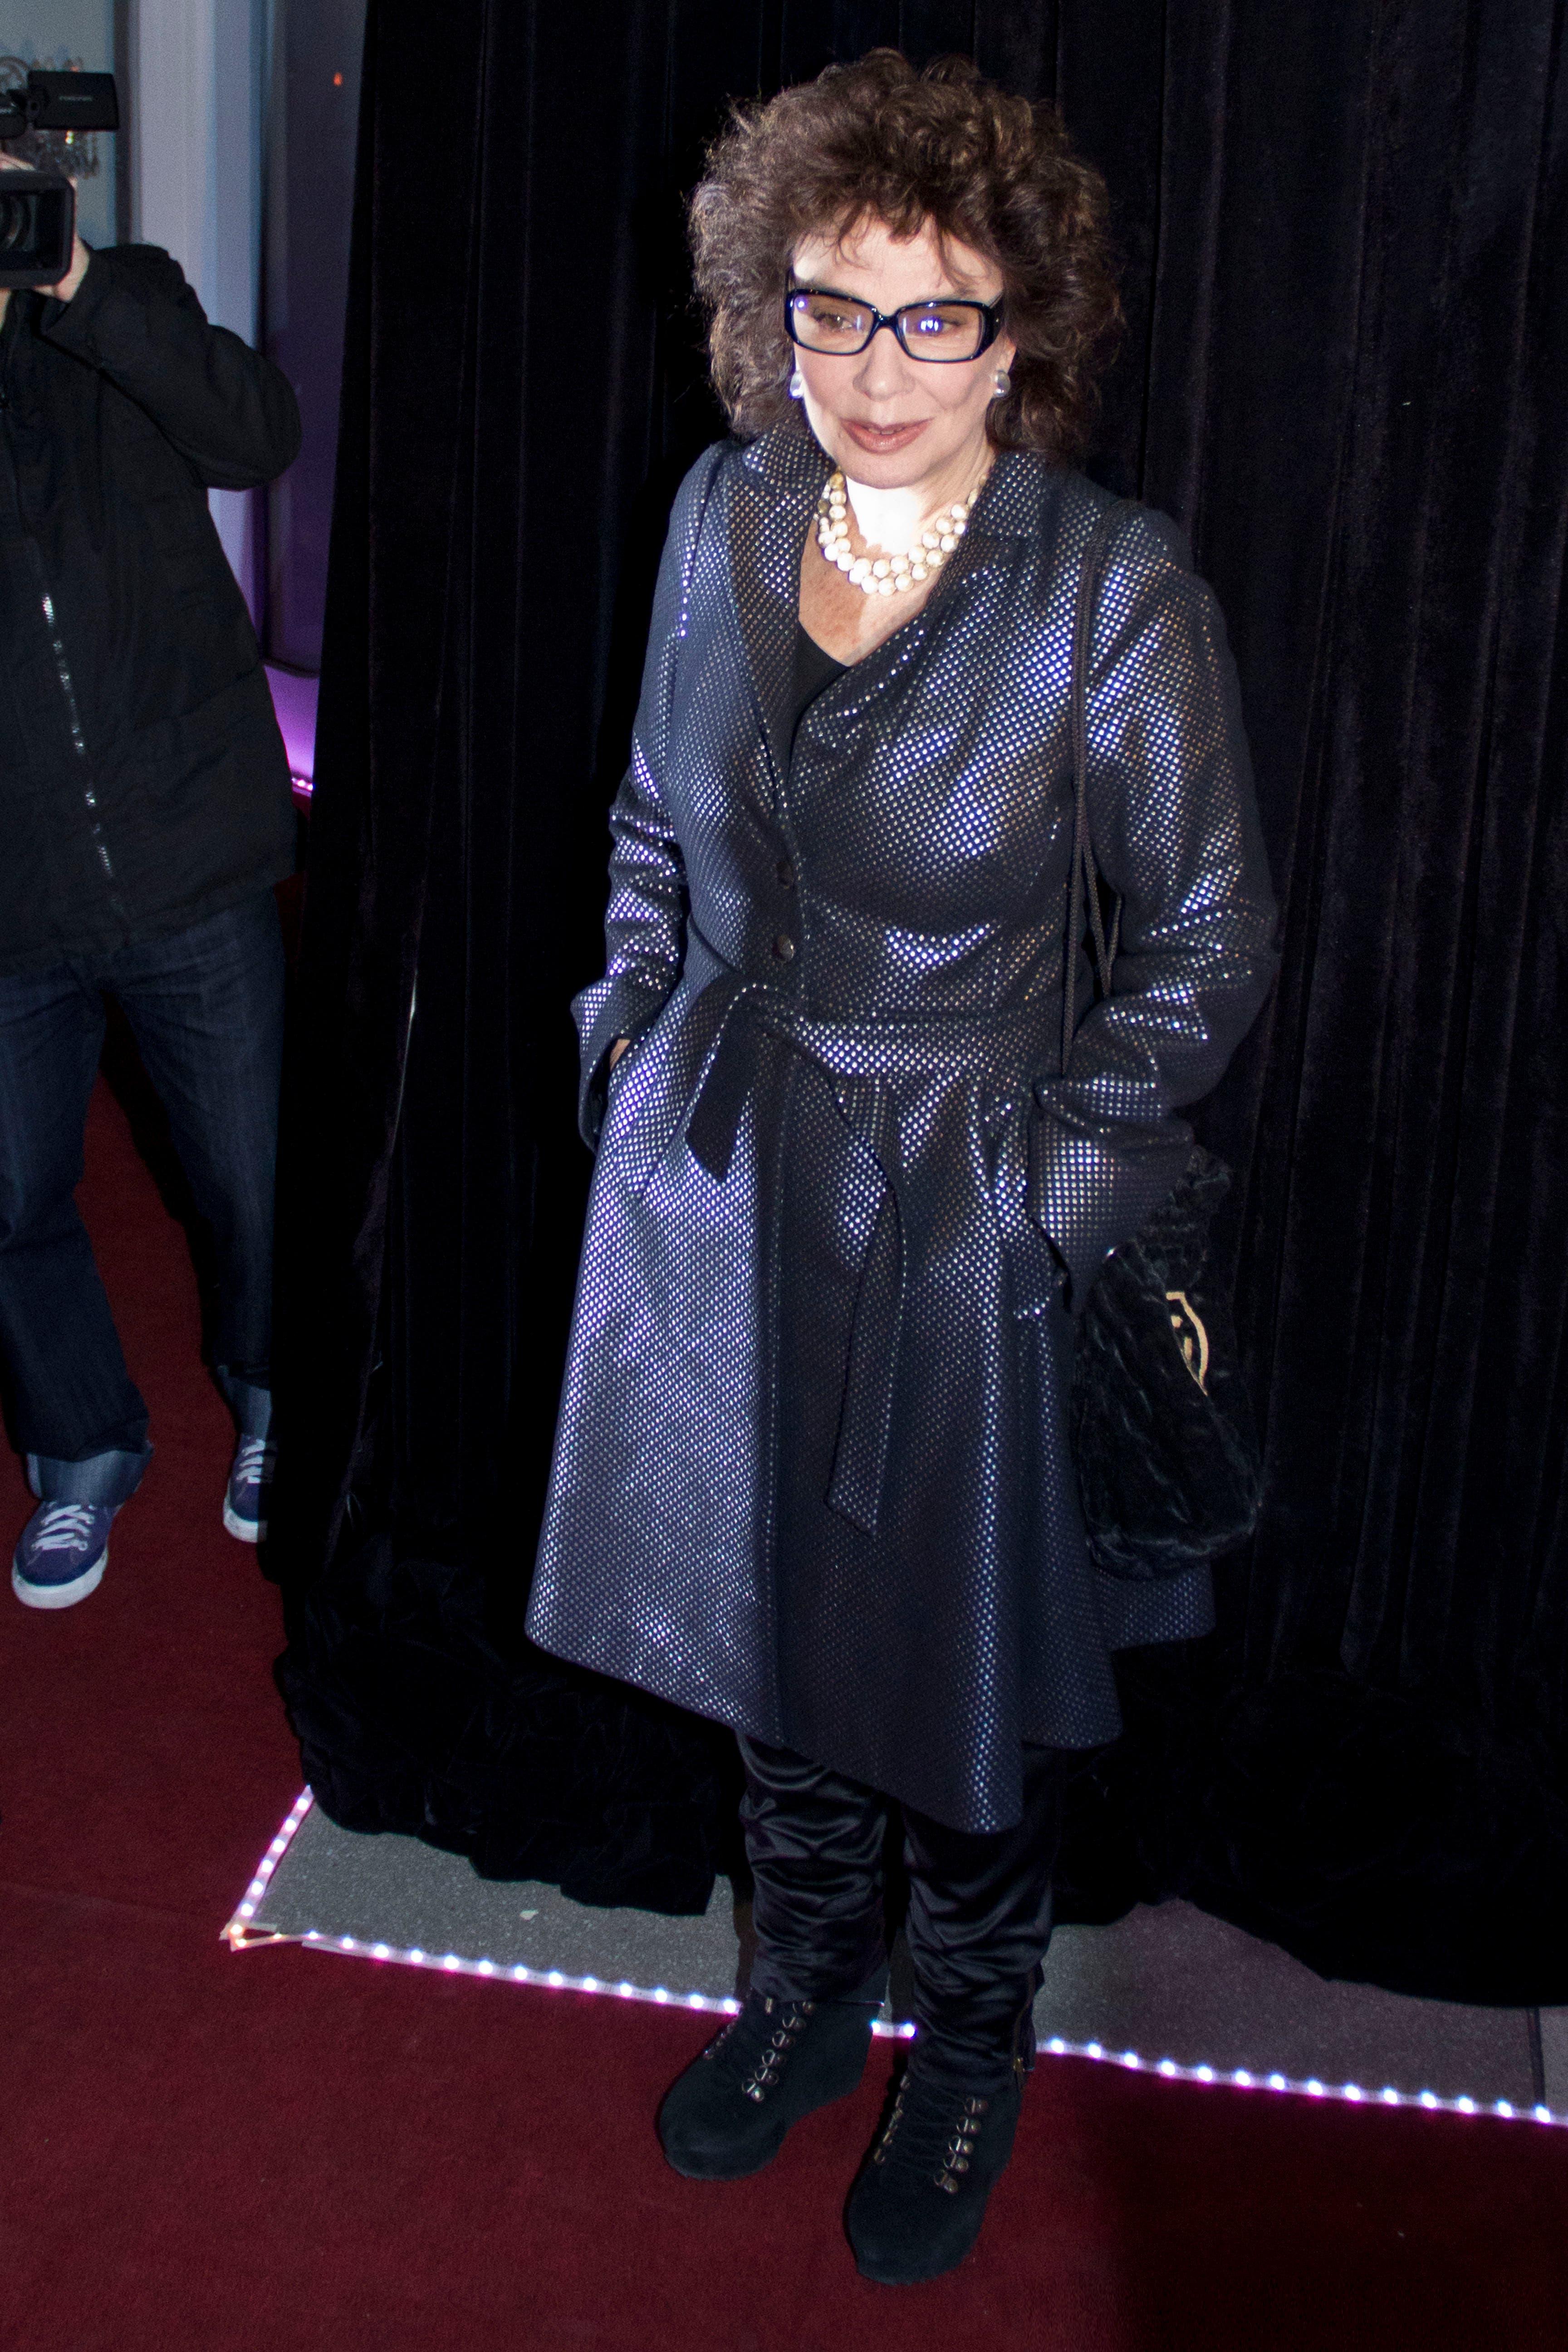 Graciela Borges, en la alfombra roja. Foto: /hola.com.ar